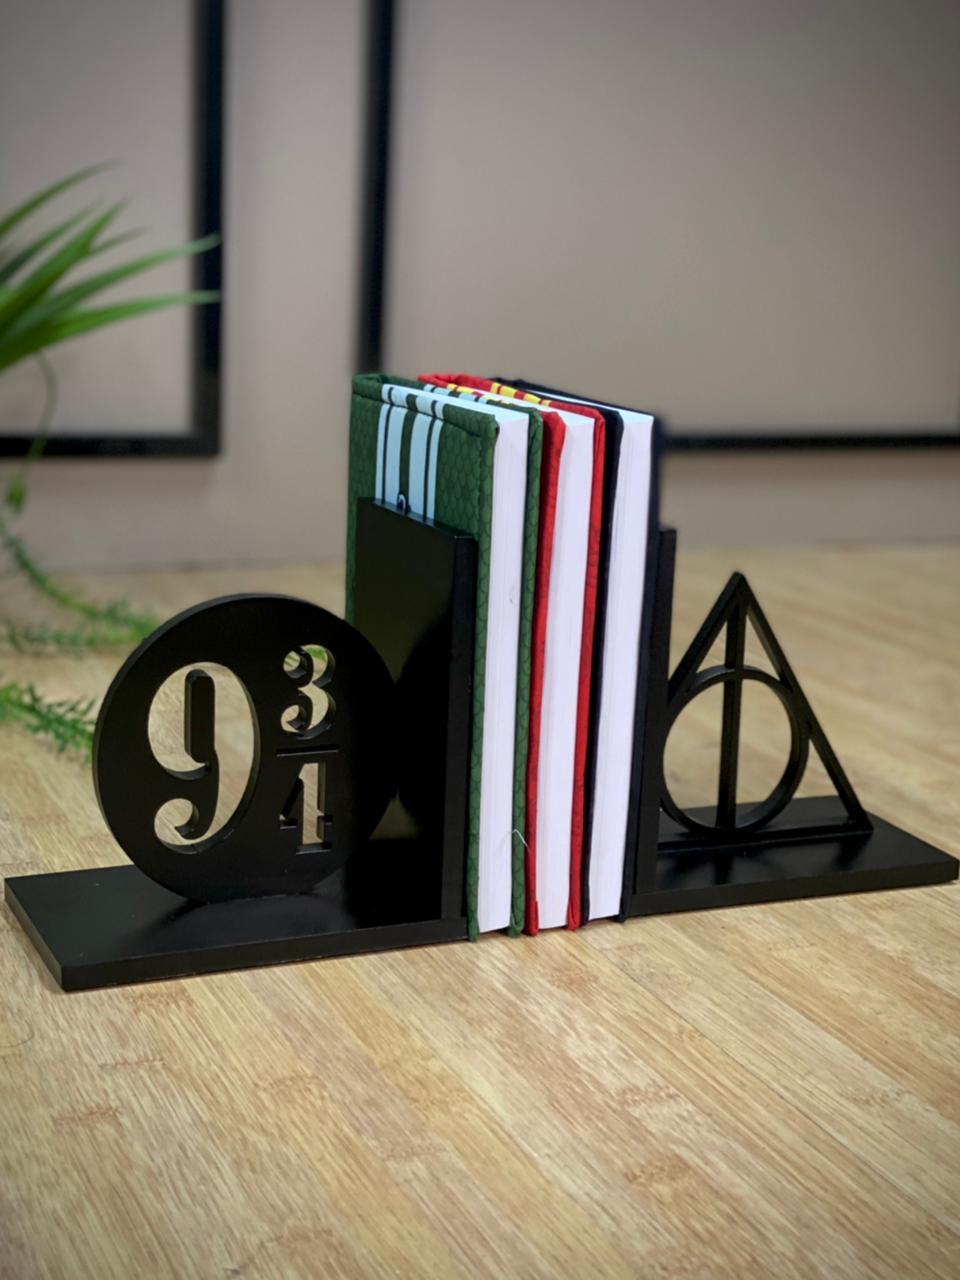 Aparador de livro Reliquias da Morte - 9 3/4 Preto: Harry Potter - Geton